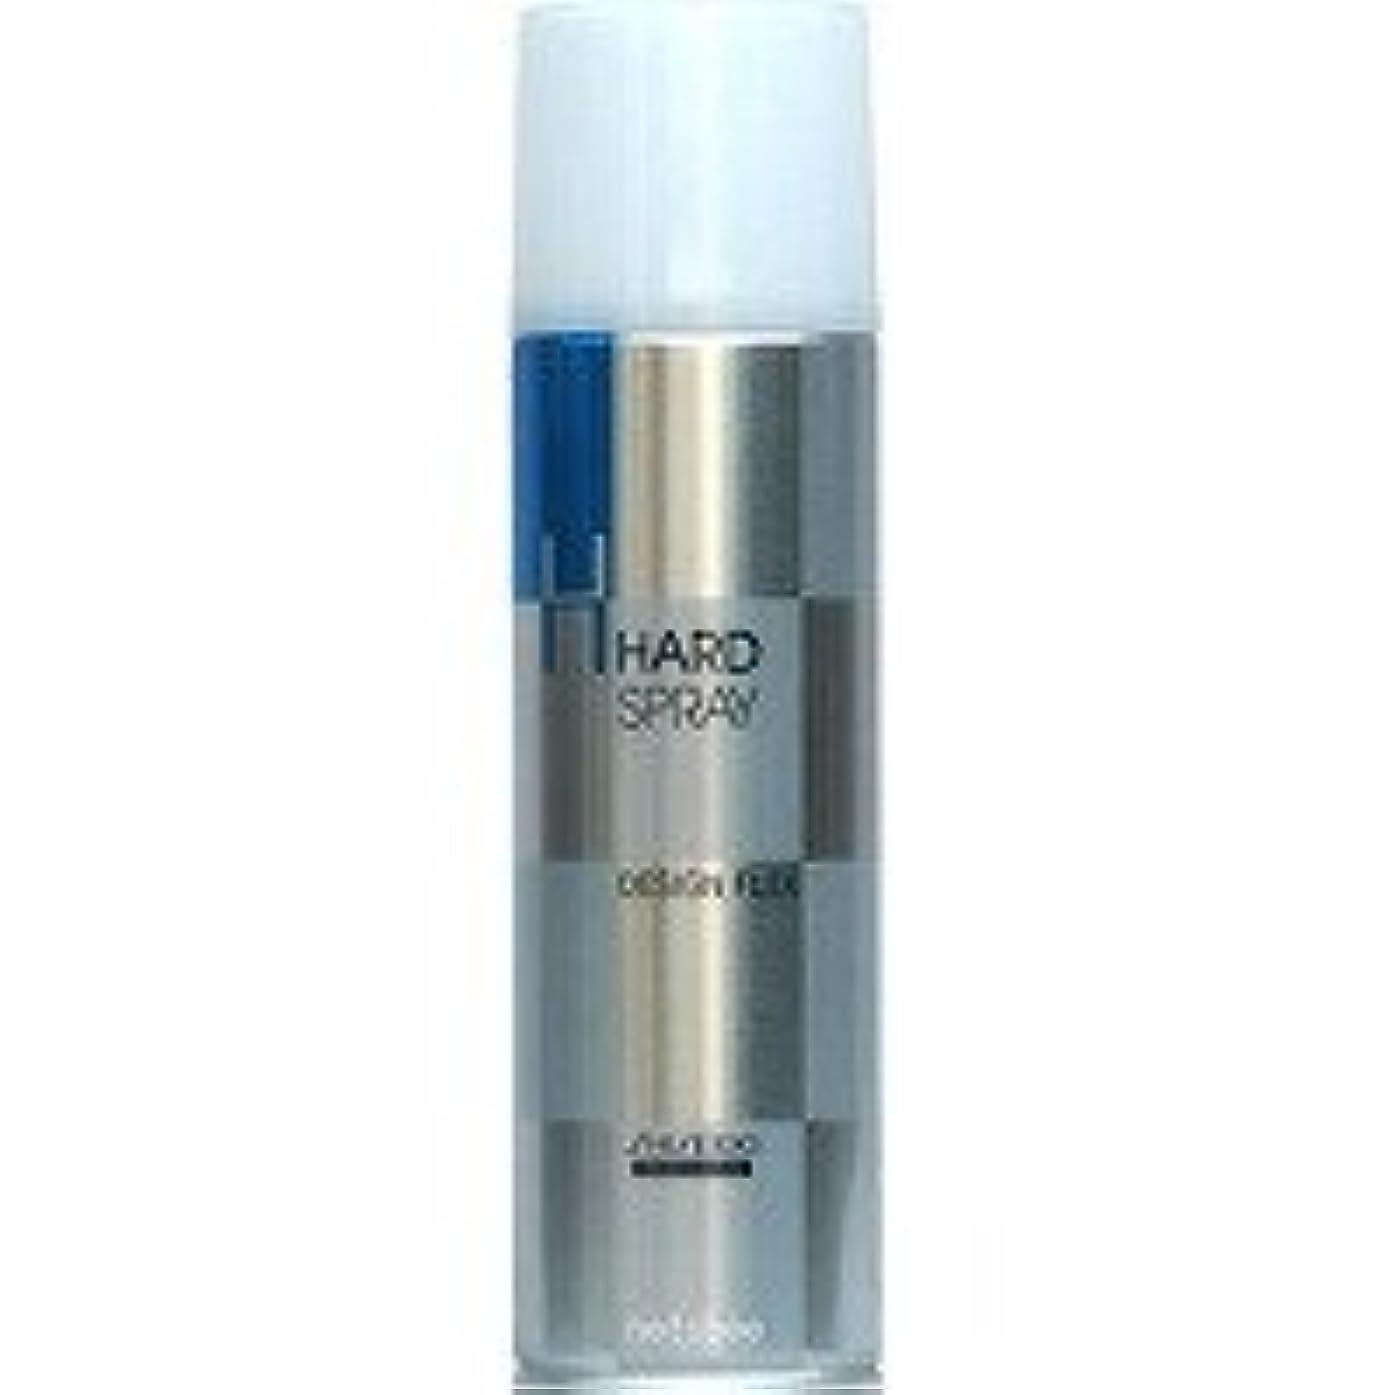 東部うなずくネスト【X3個セット】 資生堂プロフェッショナル デザインフレックス ハードスプレー 260g shiseido PROFESSIONAL